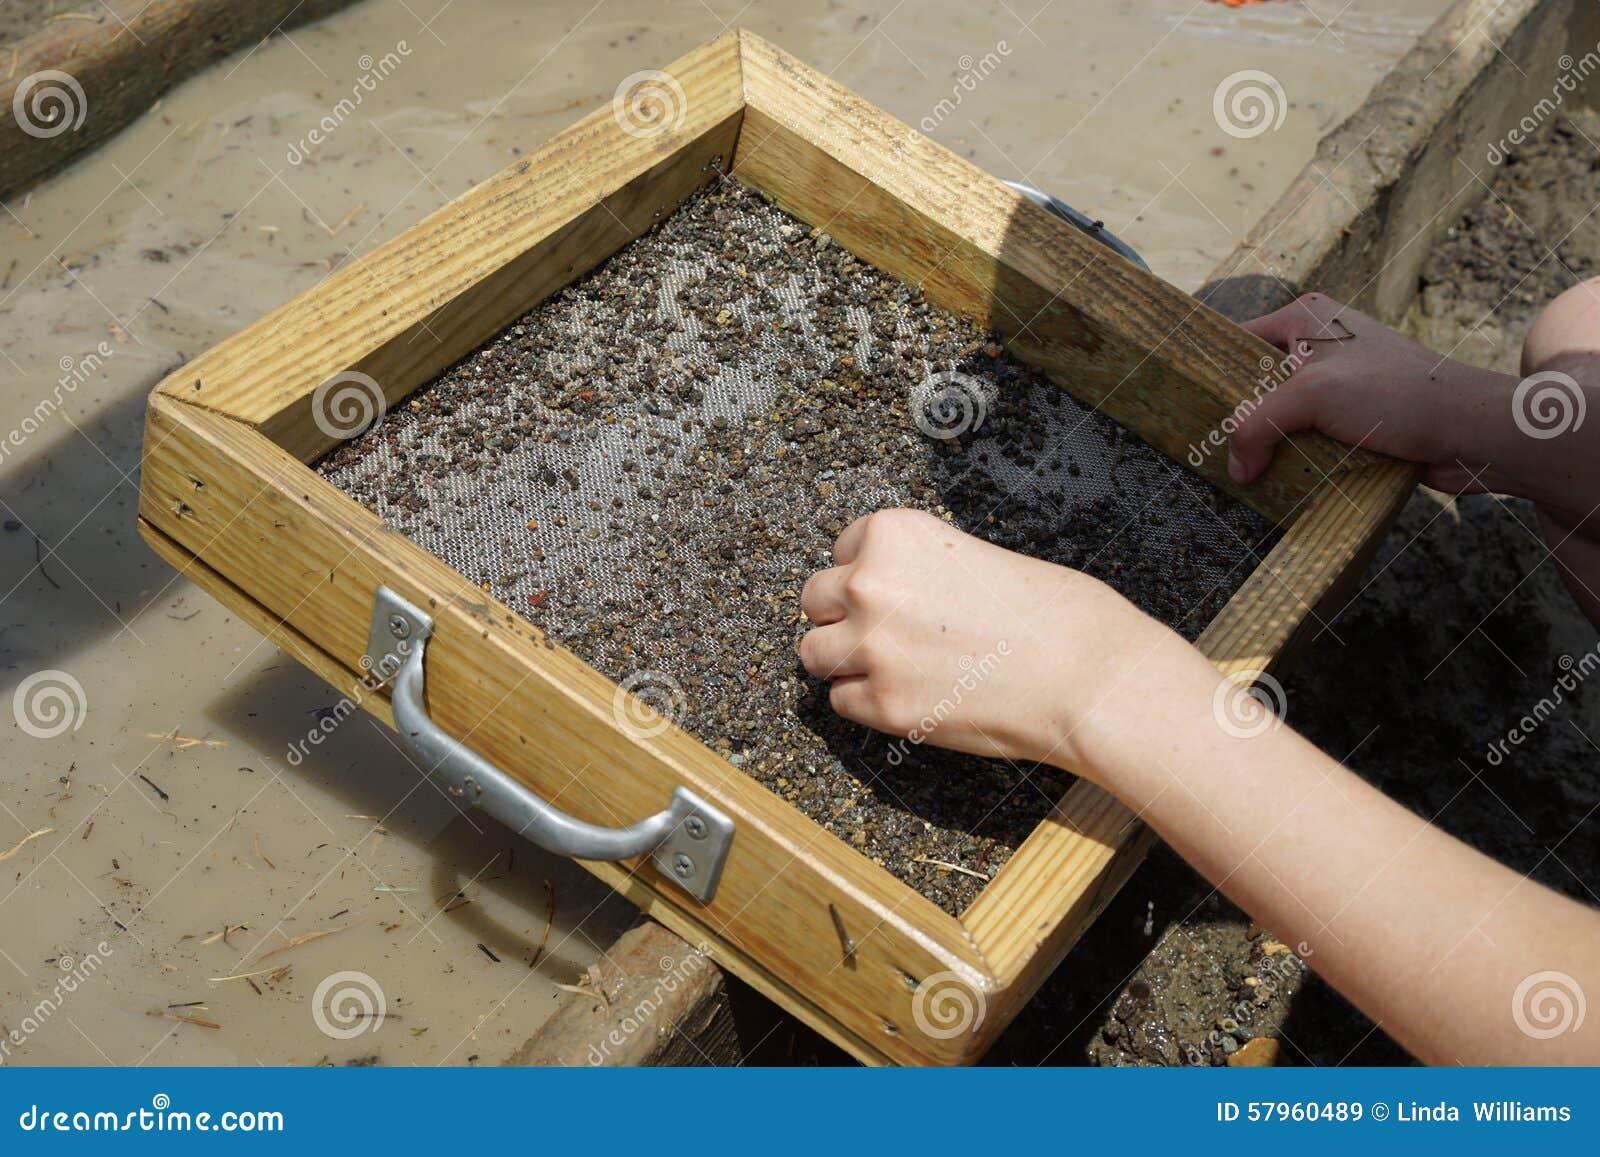 Wet sieving for diamonds